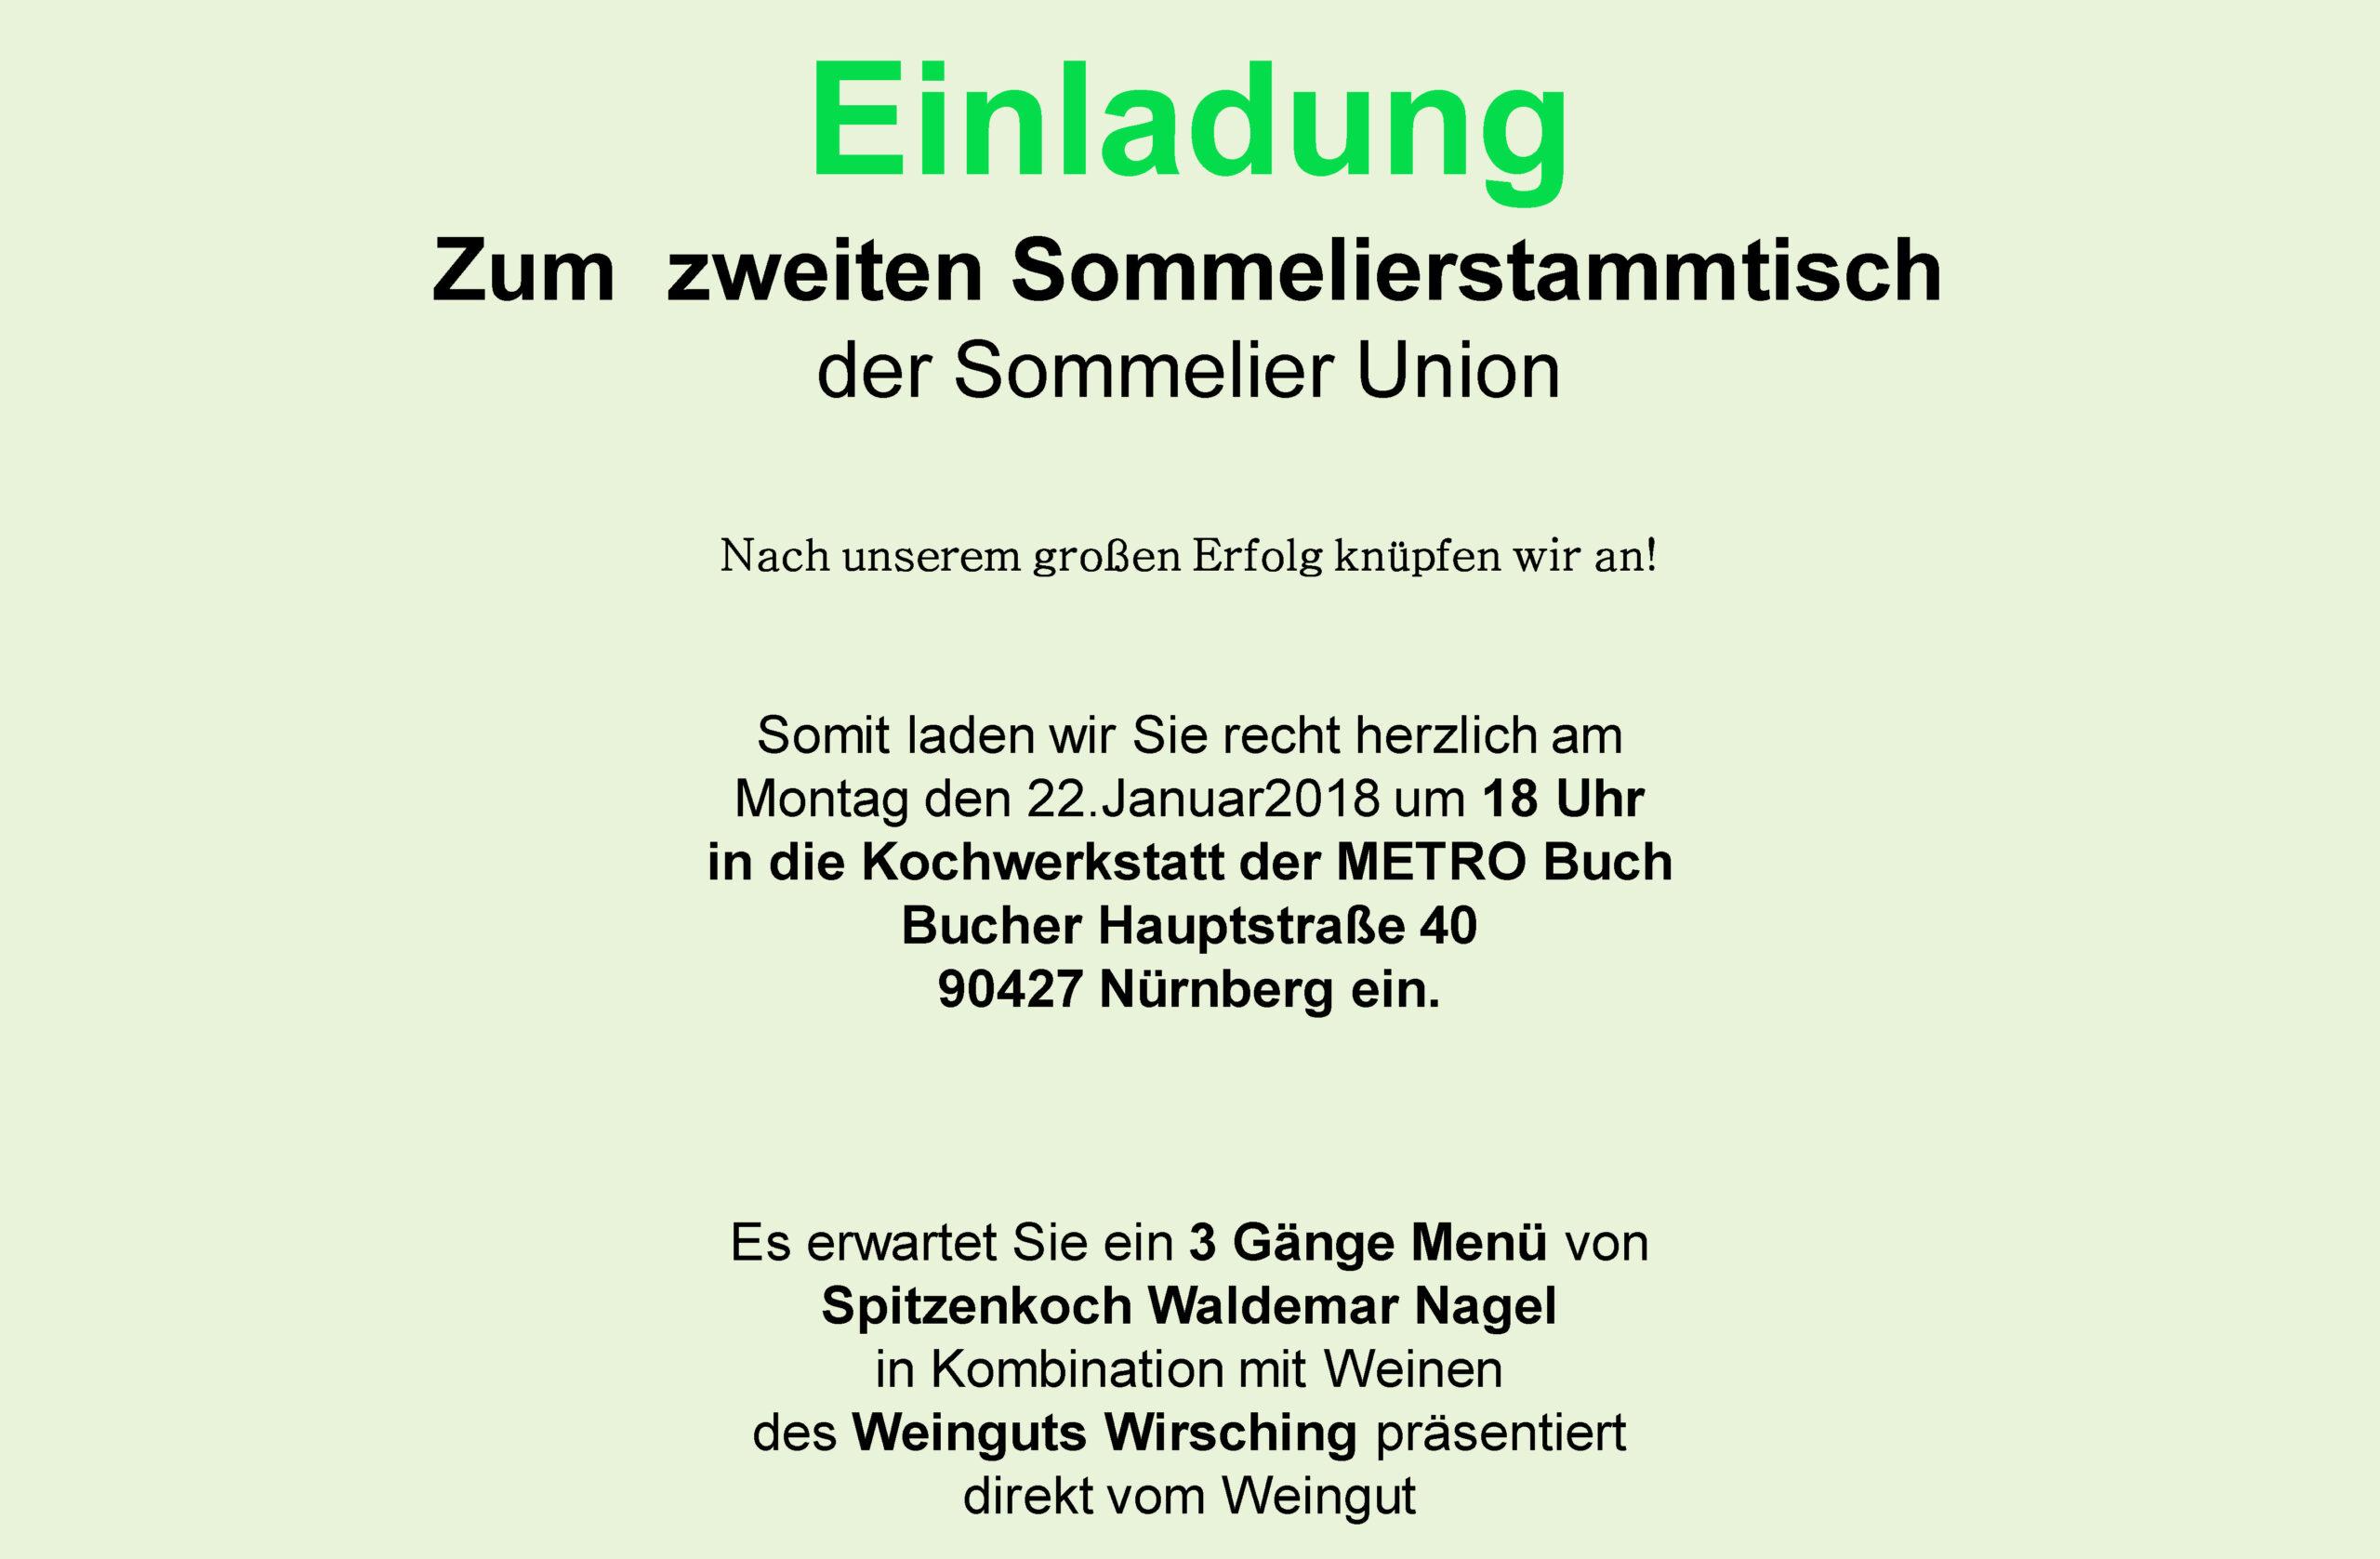 Zweiter Sommelierstammtisch - Nürnberg